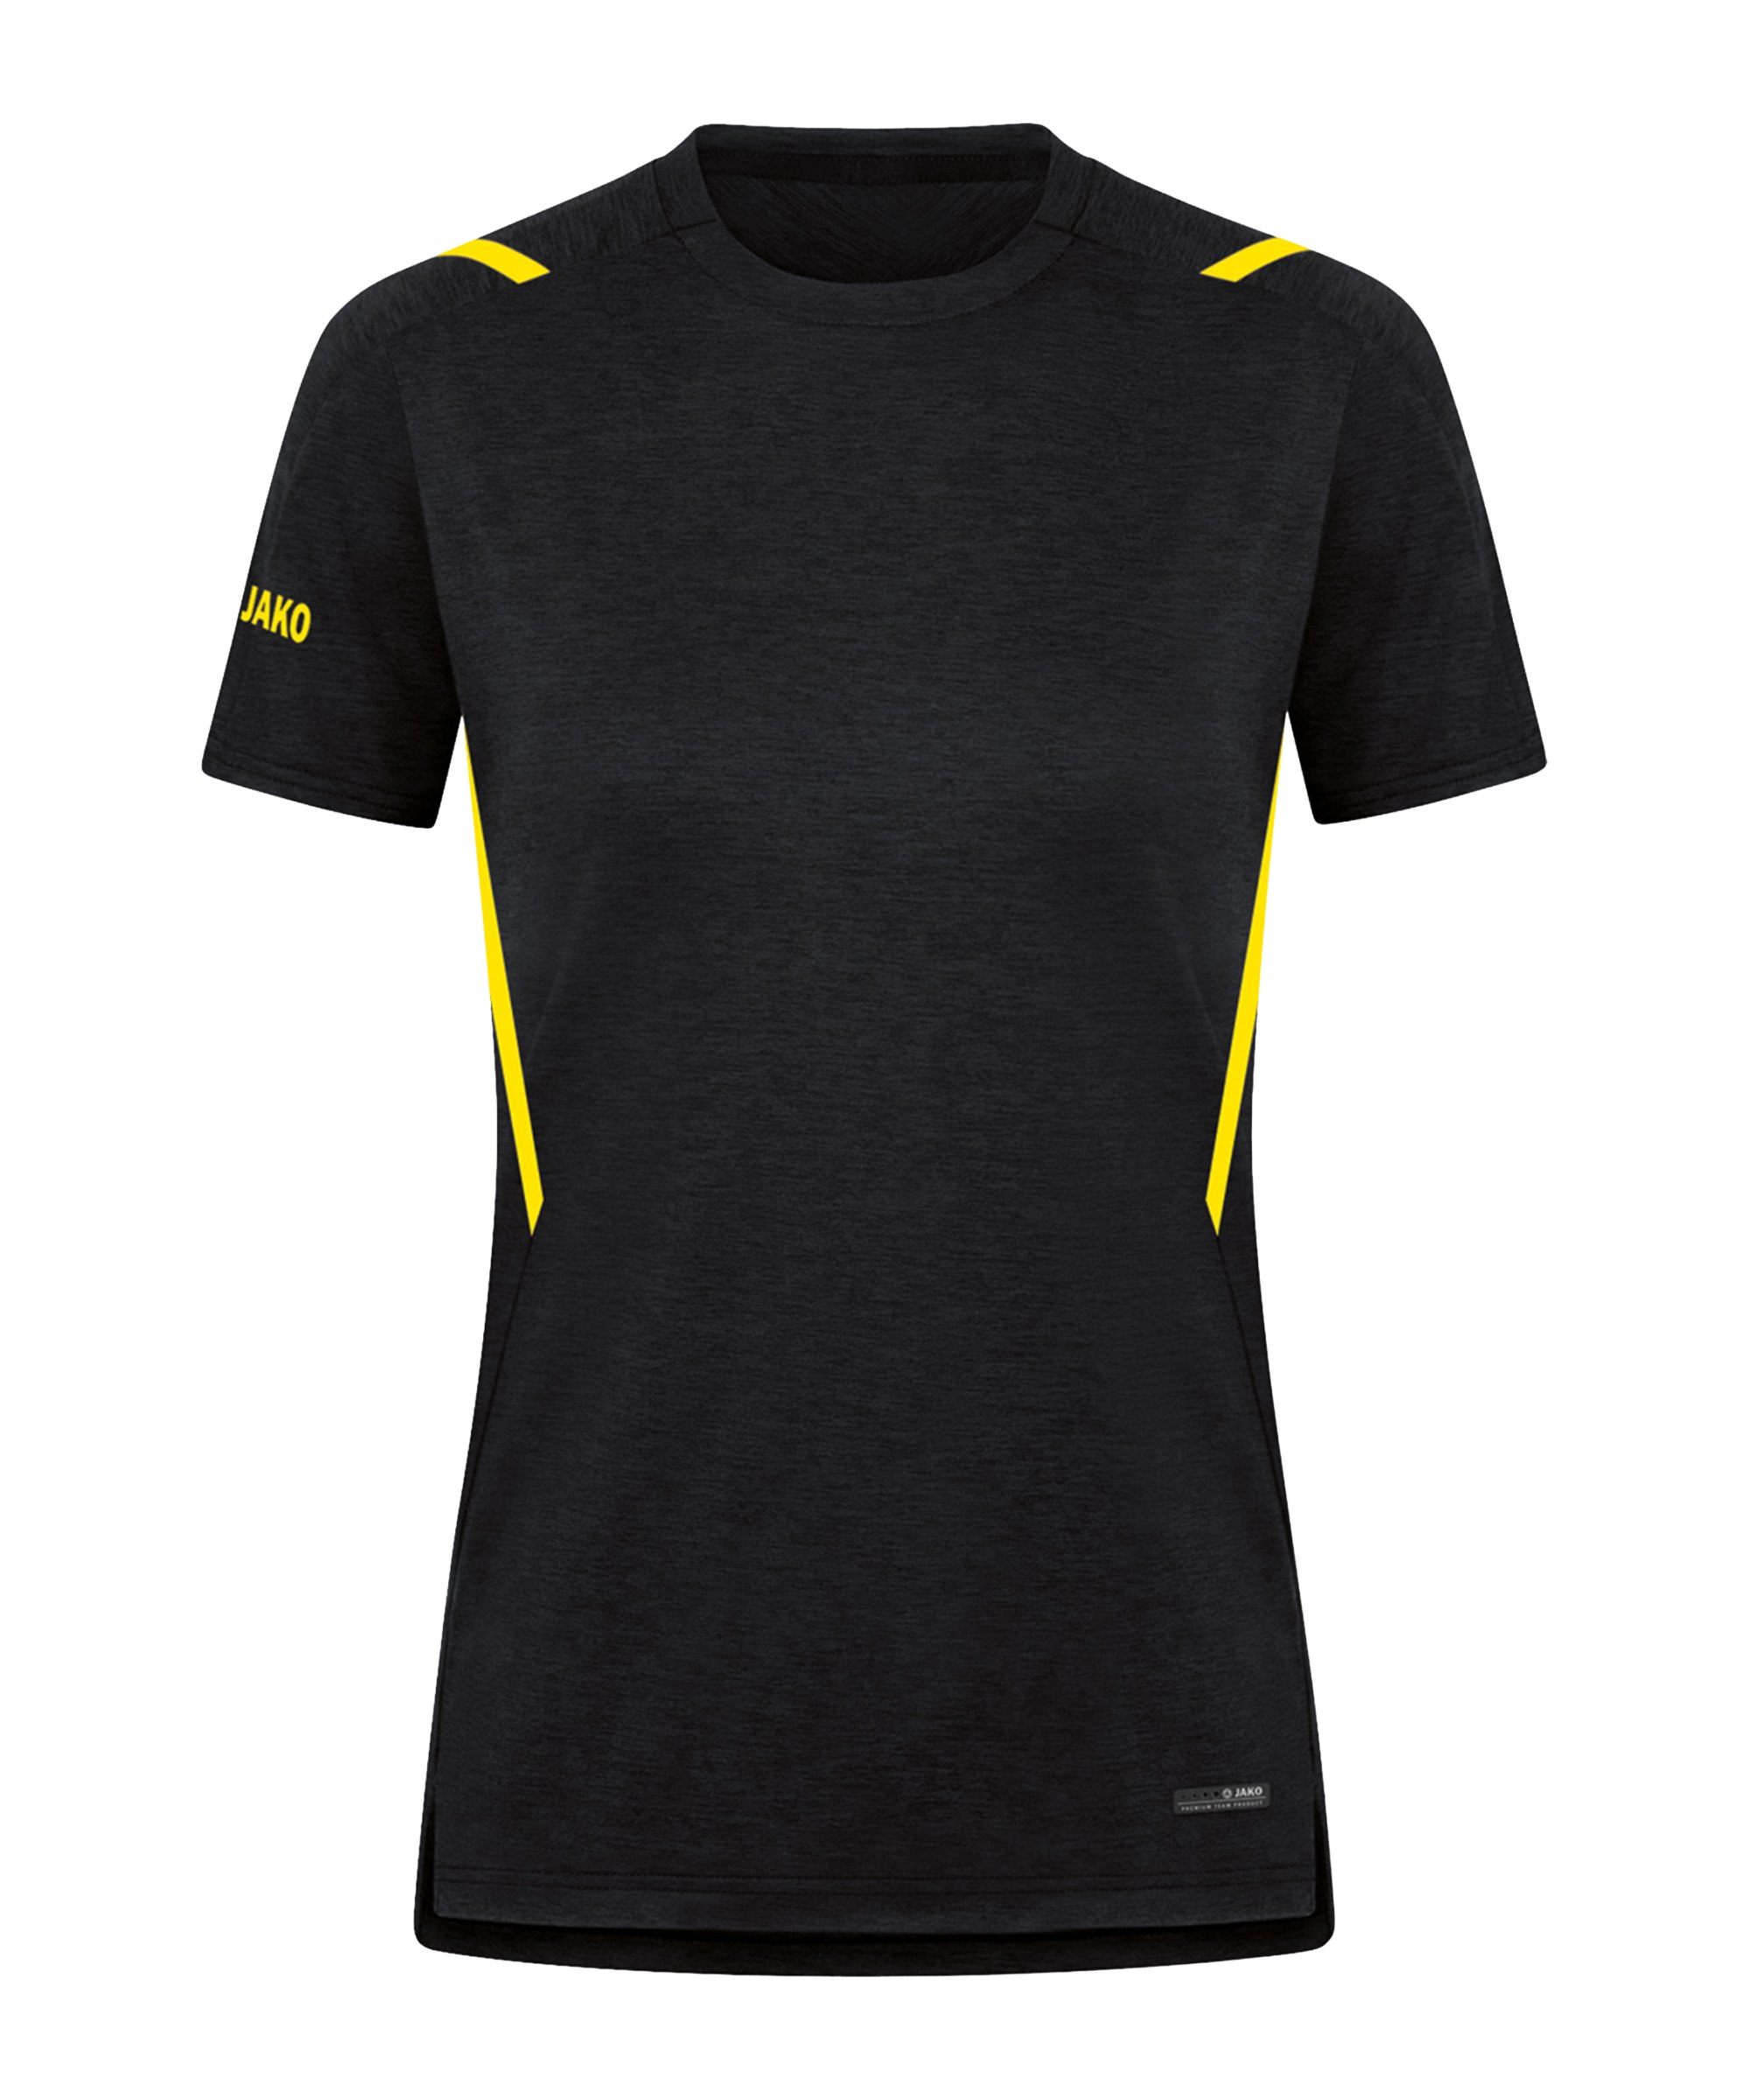 JAKO Challenge Freizeit T-Shirt Damen F505 - schwarz